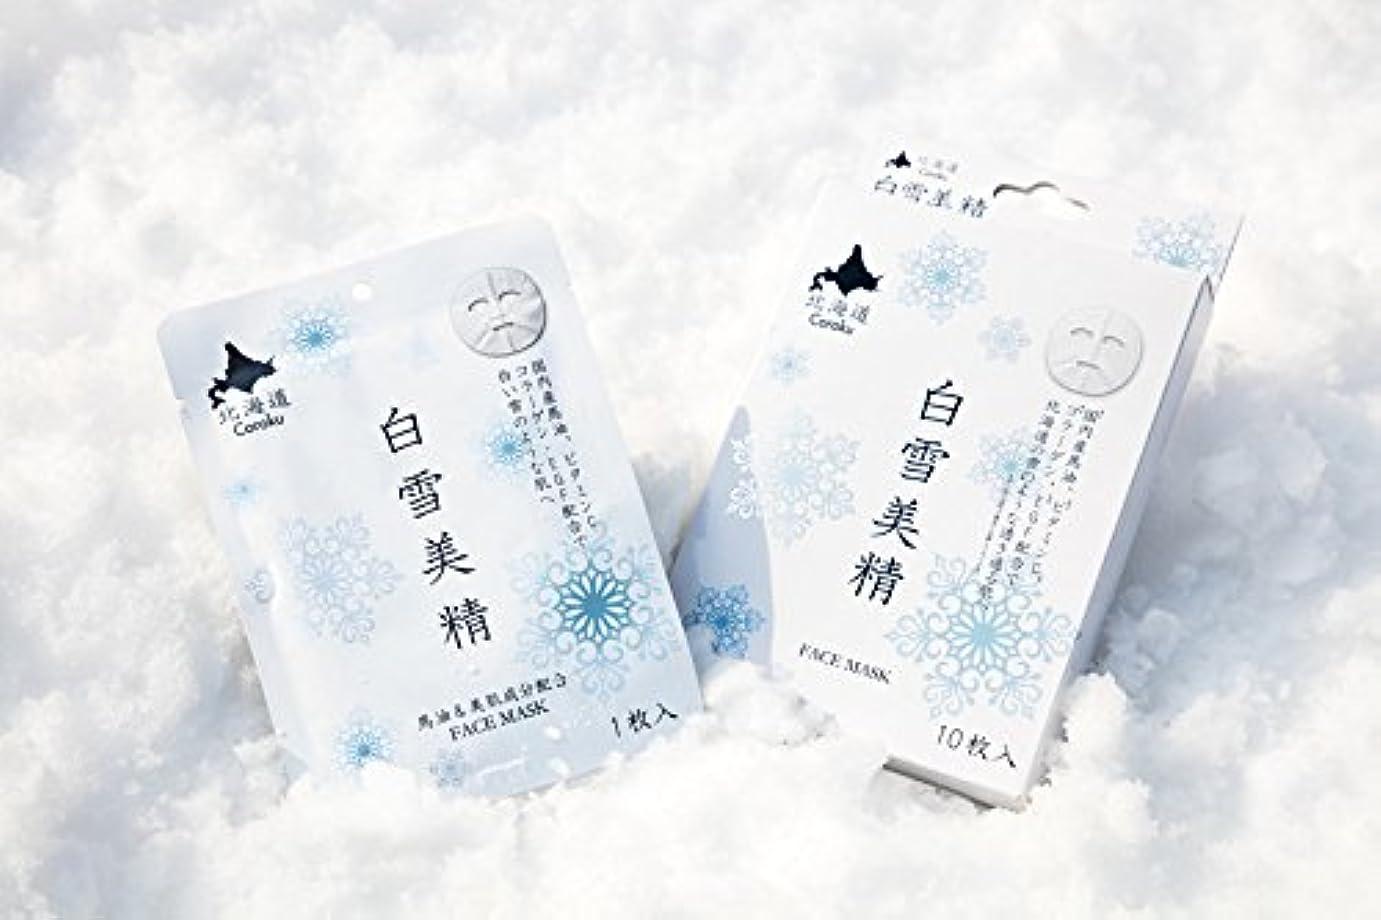 依存組み合わせファンネルウェブスパイダー【10個セット】 Coroku 白雪美精 フェイシャルホワイトマスク 10枚入り×10個セット